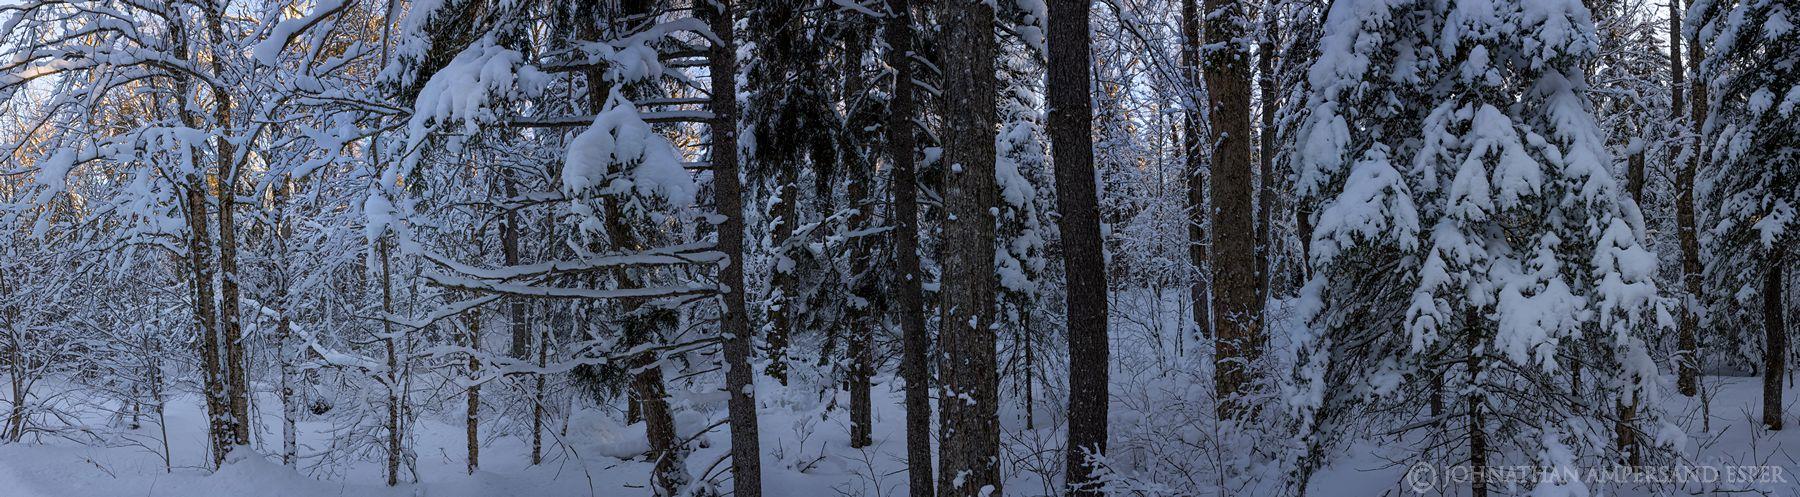 Debar Mt,Debar Mt Trail,snowmobile trail,snowy woods,forest,snowy forest,Debar Mt snowy forest,, photo